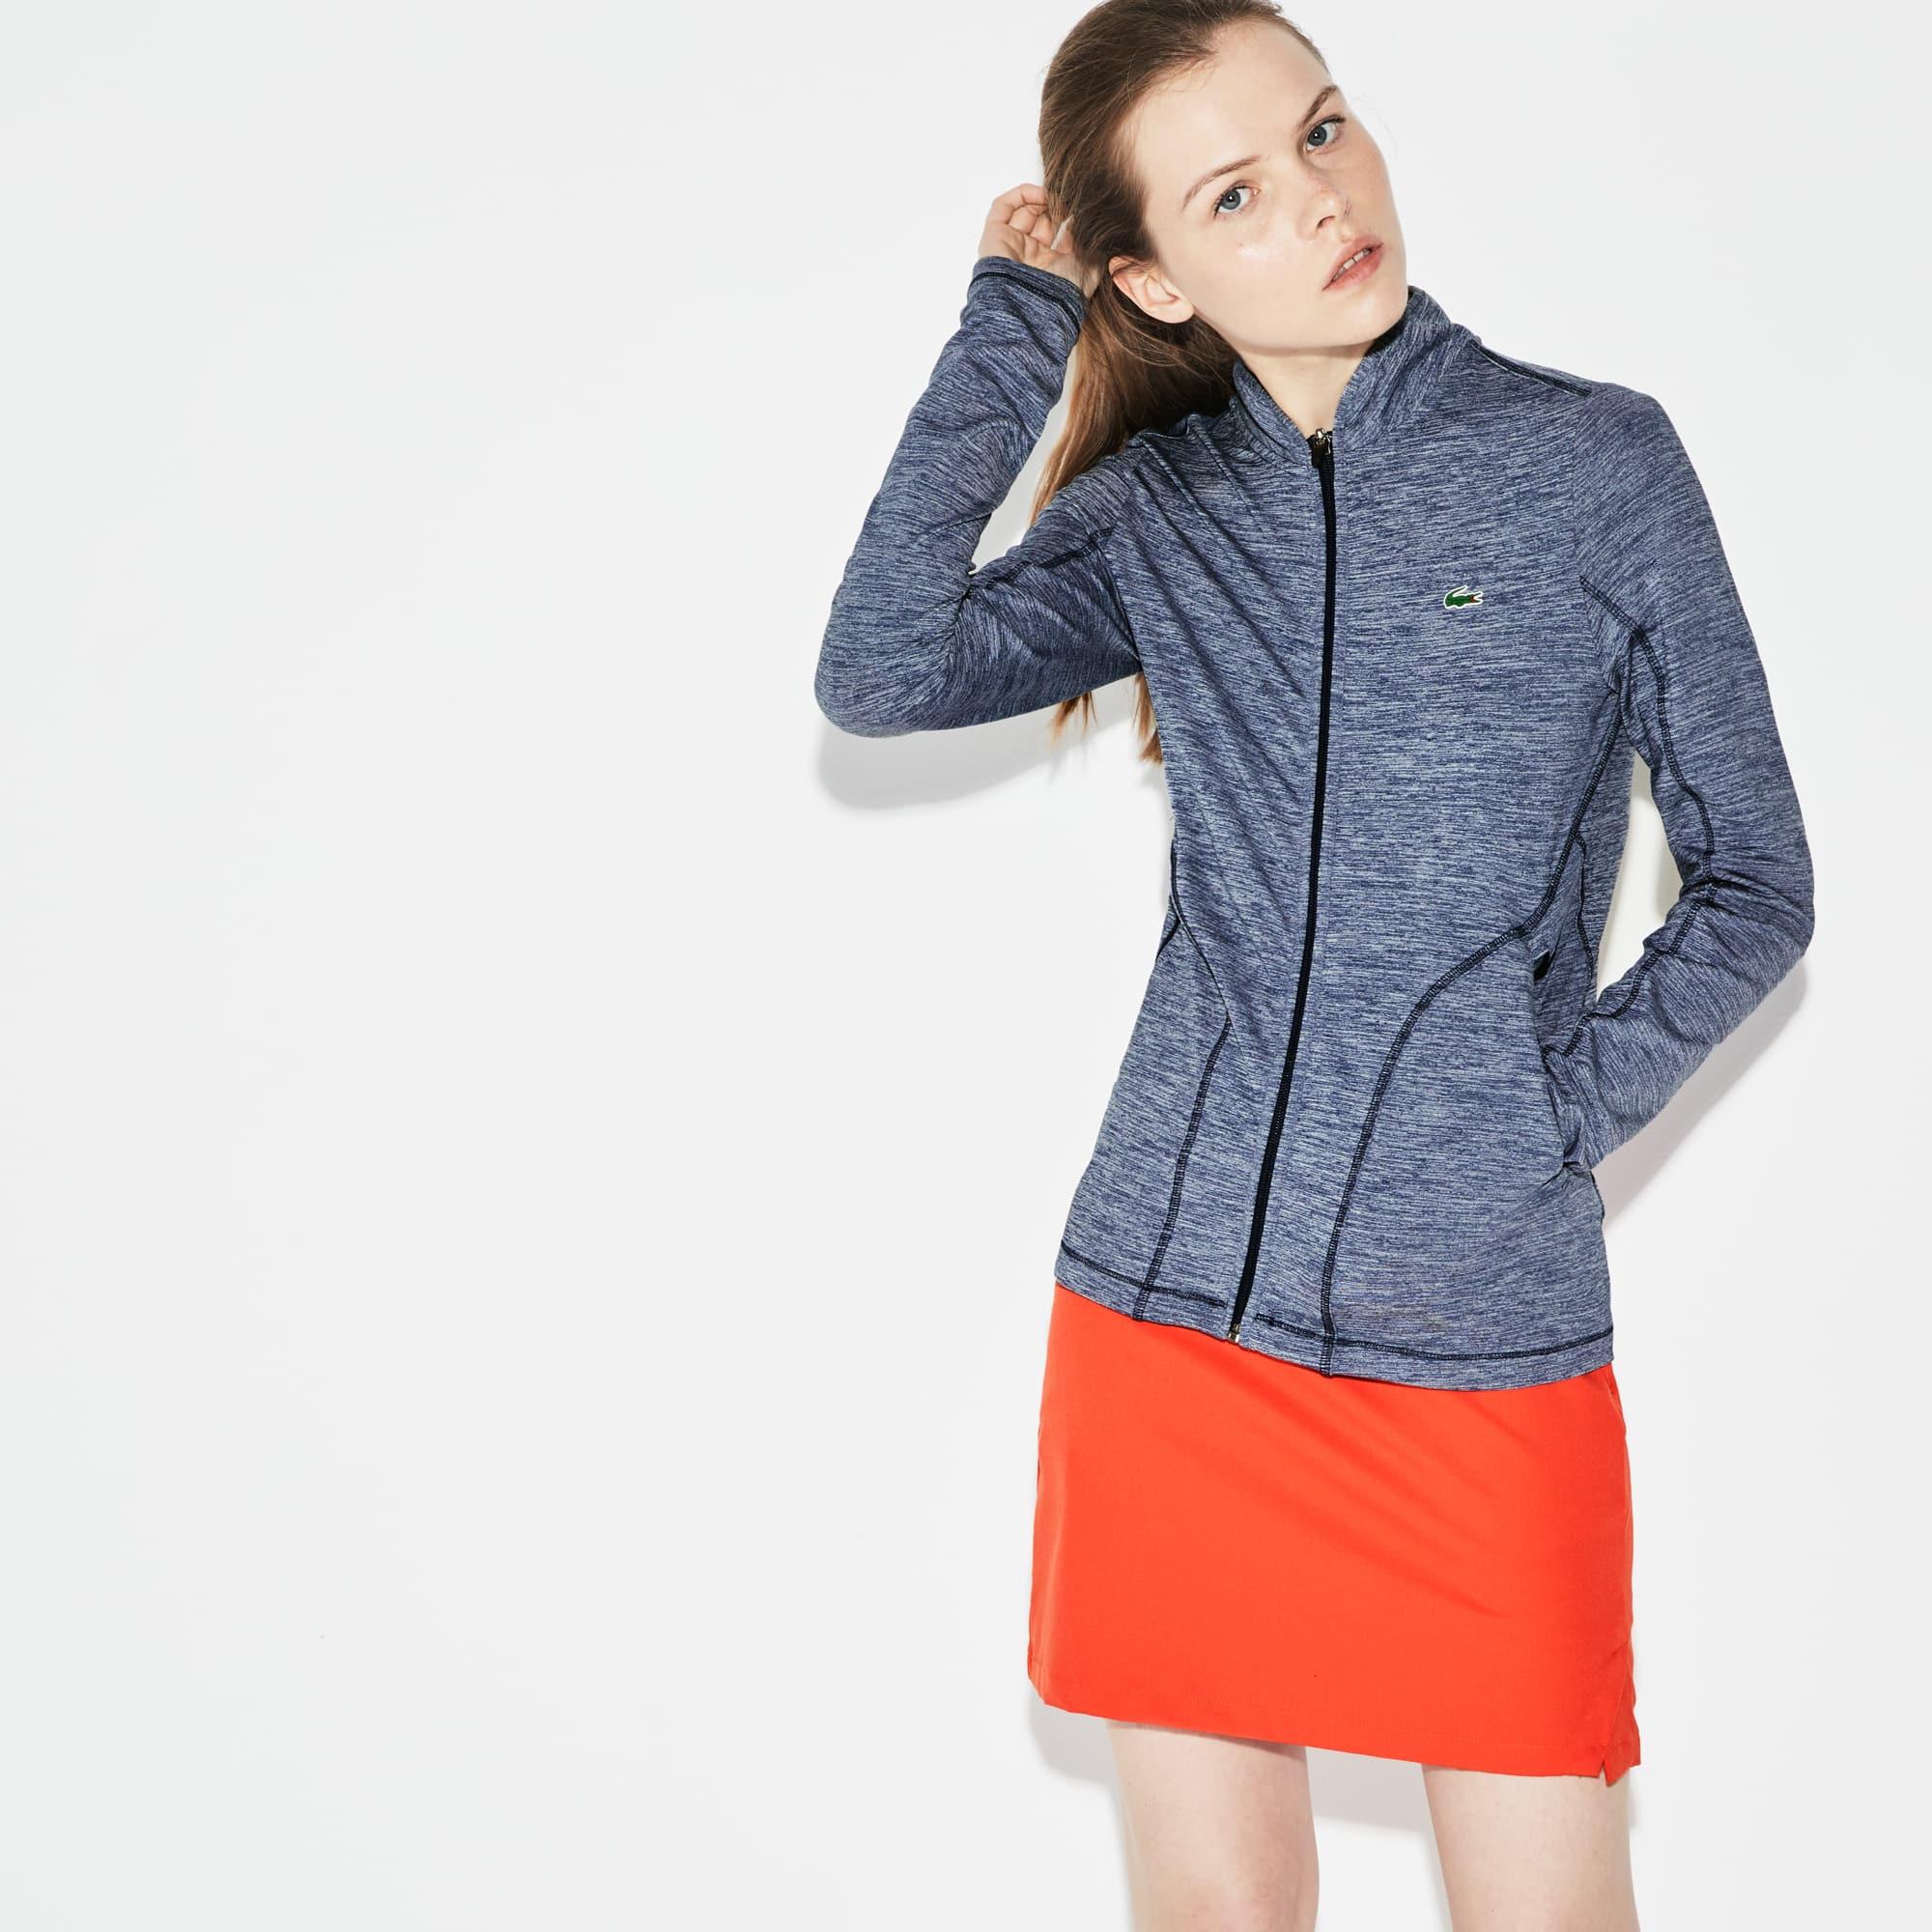 Women's Lacoste SPORT Ryder Cup Edition Zip Midlayer Golf Sweatshirt